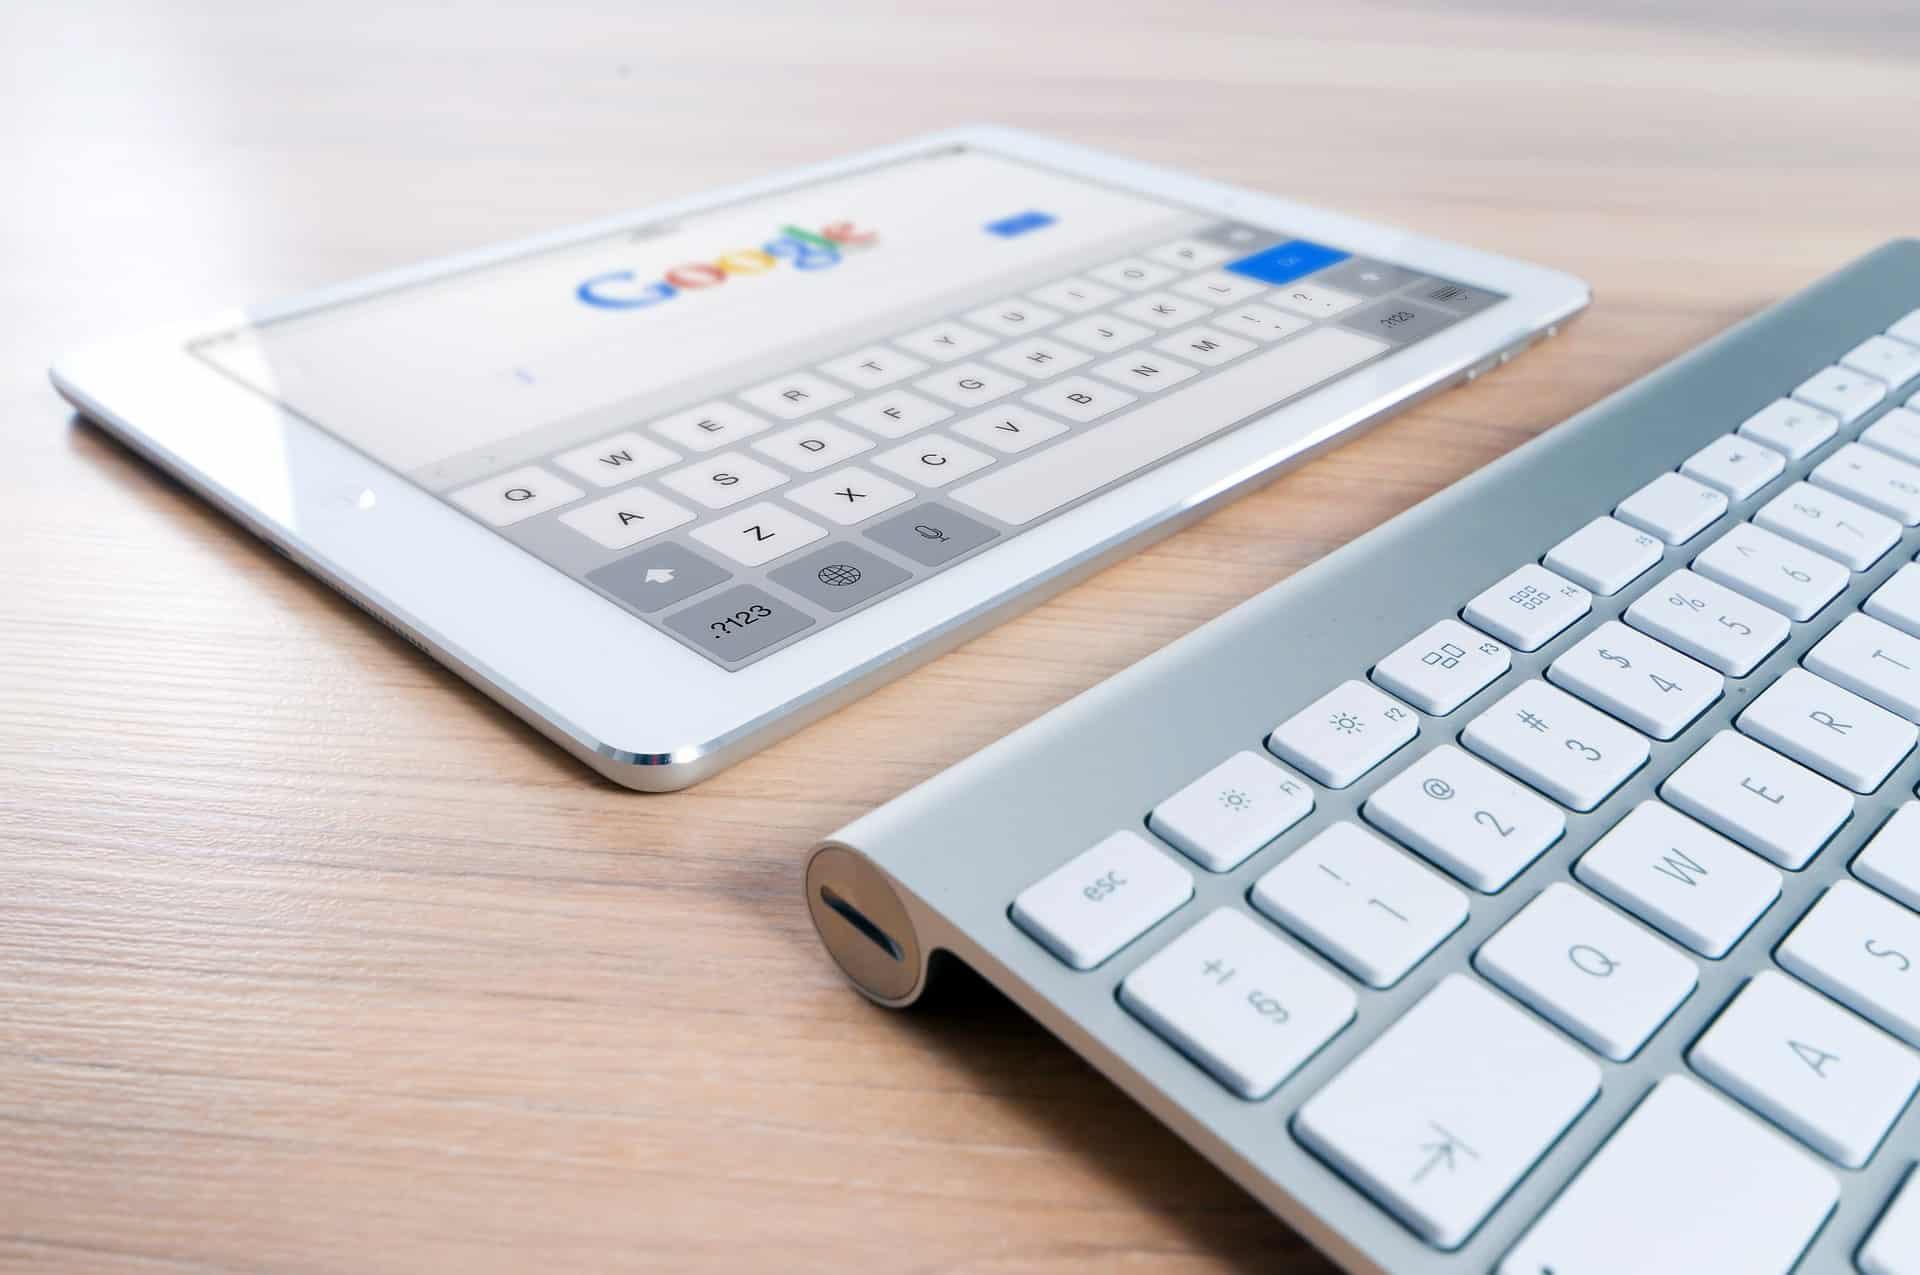 ipad con google search console insights